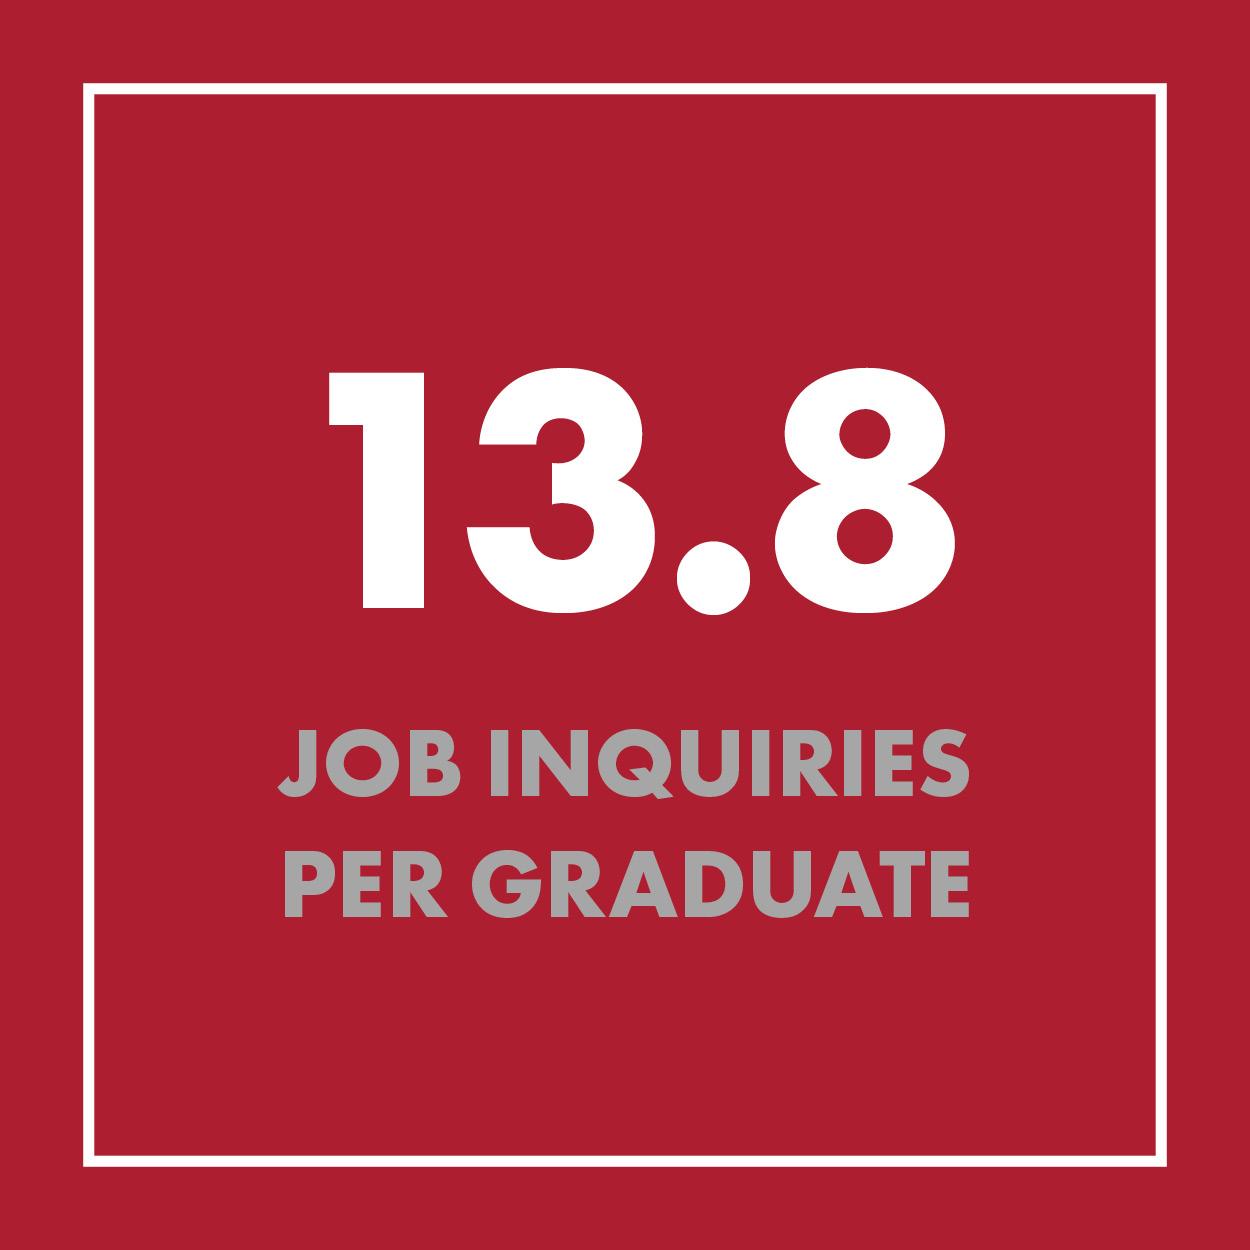 13.8 Job Inquiries Per Grad